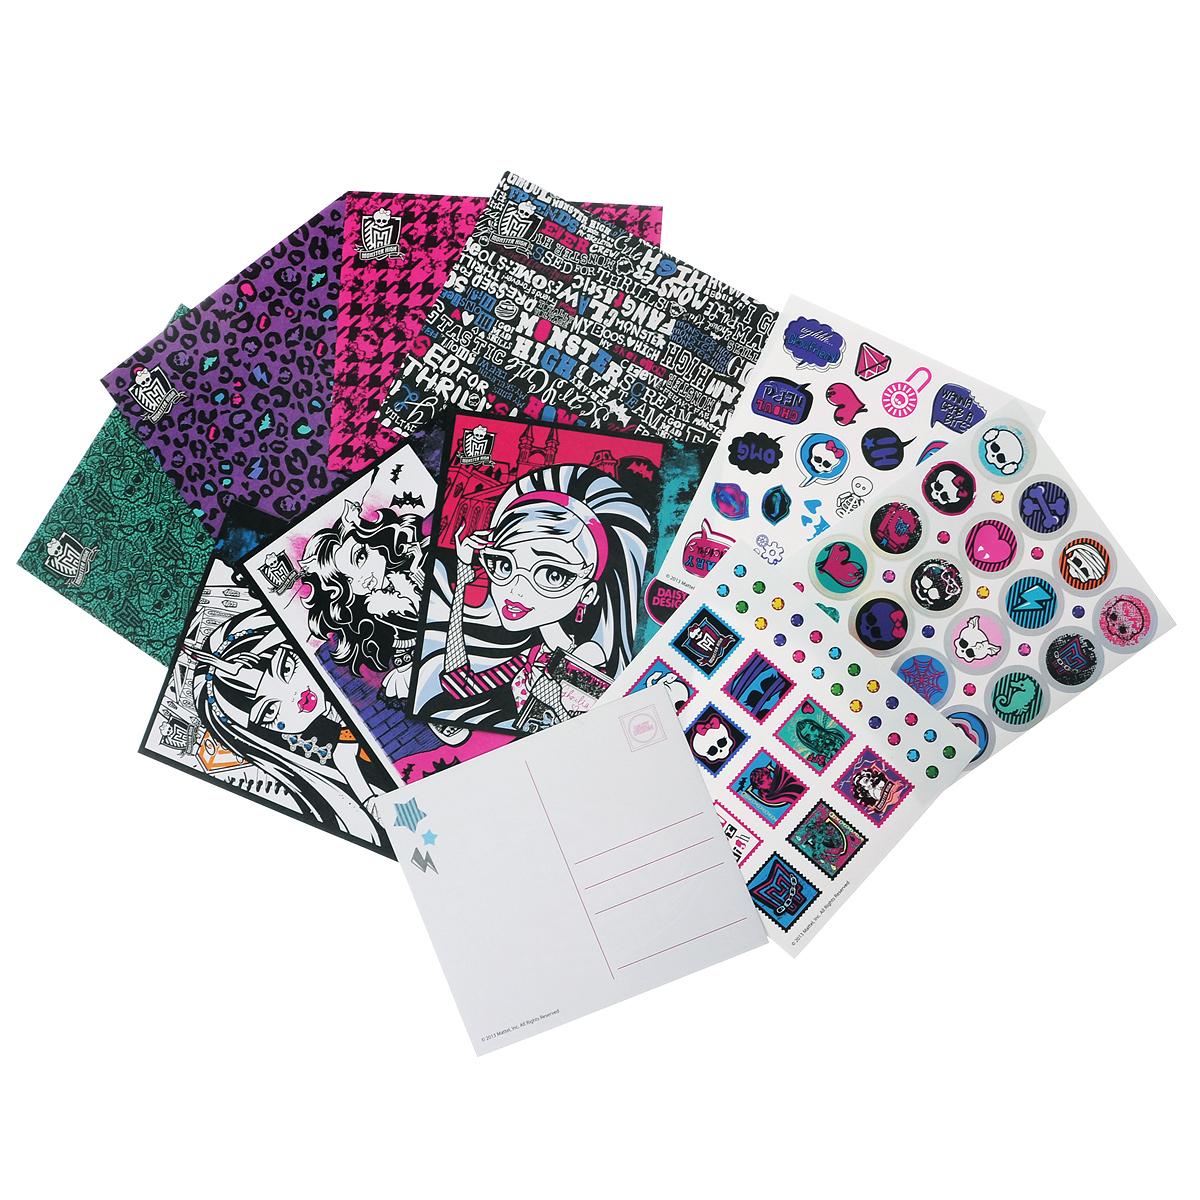 """Набор для творчества Daizy Design """"Monster High. Письма для друзей"""" приведет в восторг любительницу мультсериала """"Monster High"""" (""""Школа Монстров""""). В него входят три листа с различными стикерами, четыре картонные открытки и четыре бумажных конверта с клеевыми слоями. Лицевая сторона каждой открытки оформлена контурным изображением одной из учениц Школы Монстров: Френки Штейн, Клео де Нил, Клодин Вульф или Гулии Йелпс. Каждой открытке соответствует свой конверт с декоративным принтом. Малышка сможет раскрасить изображения очаровательных монстров, оформить открытки и конверты наклейками, подписать открытки и подарить кому-нибудь из друзей или близких. Вашему ребенку обязательно понравится этот набор. Порадуйте его таким креативным подарком!"""